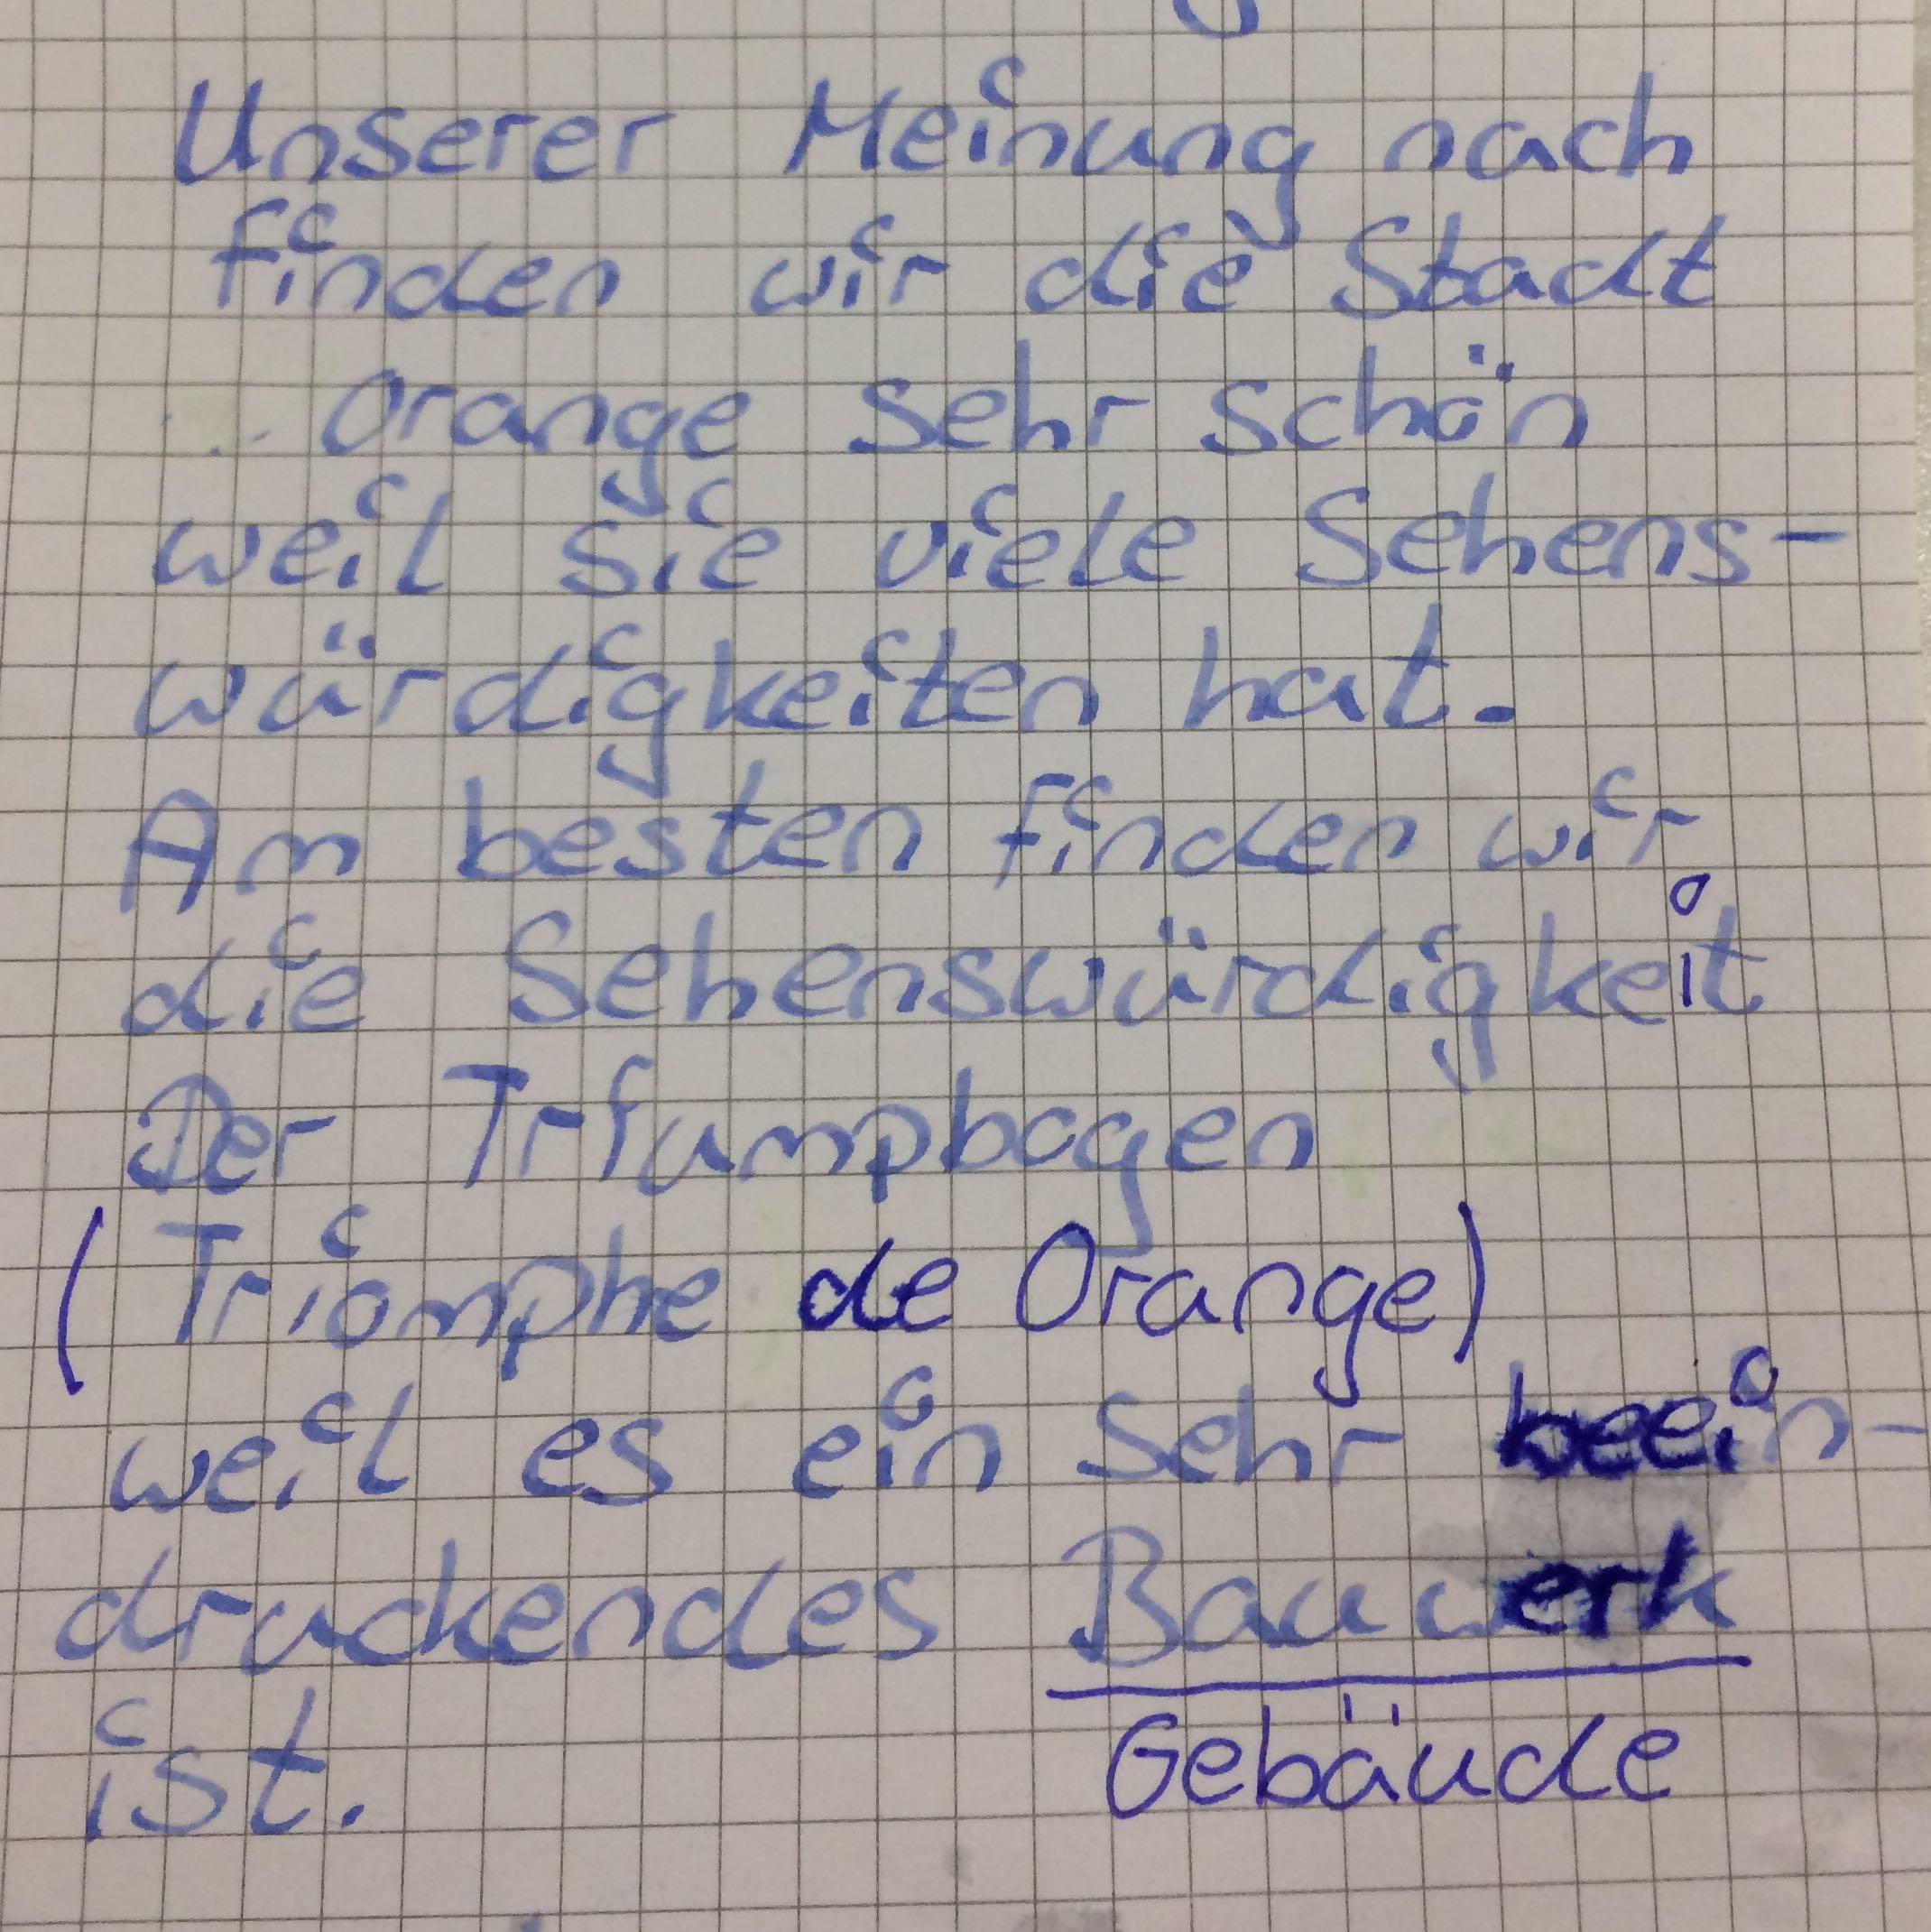 übersetzung text englisch-deutsch kostenlos leo